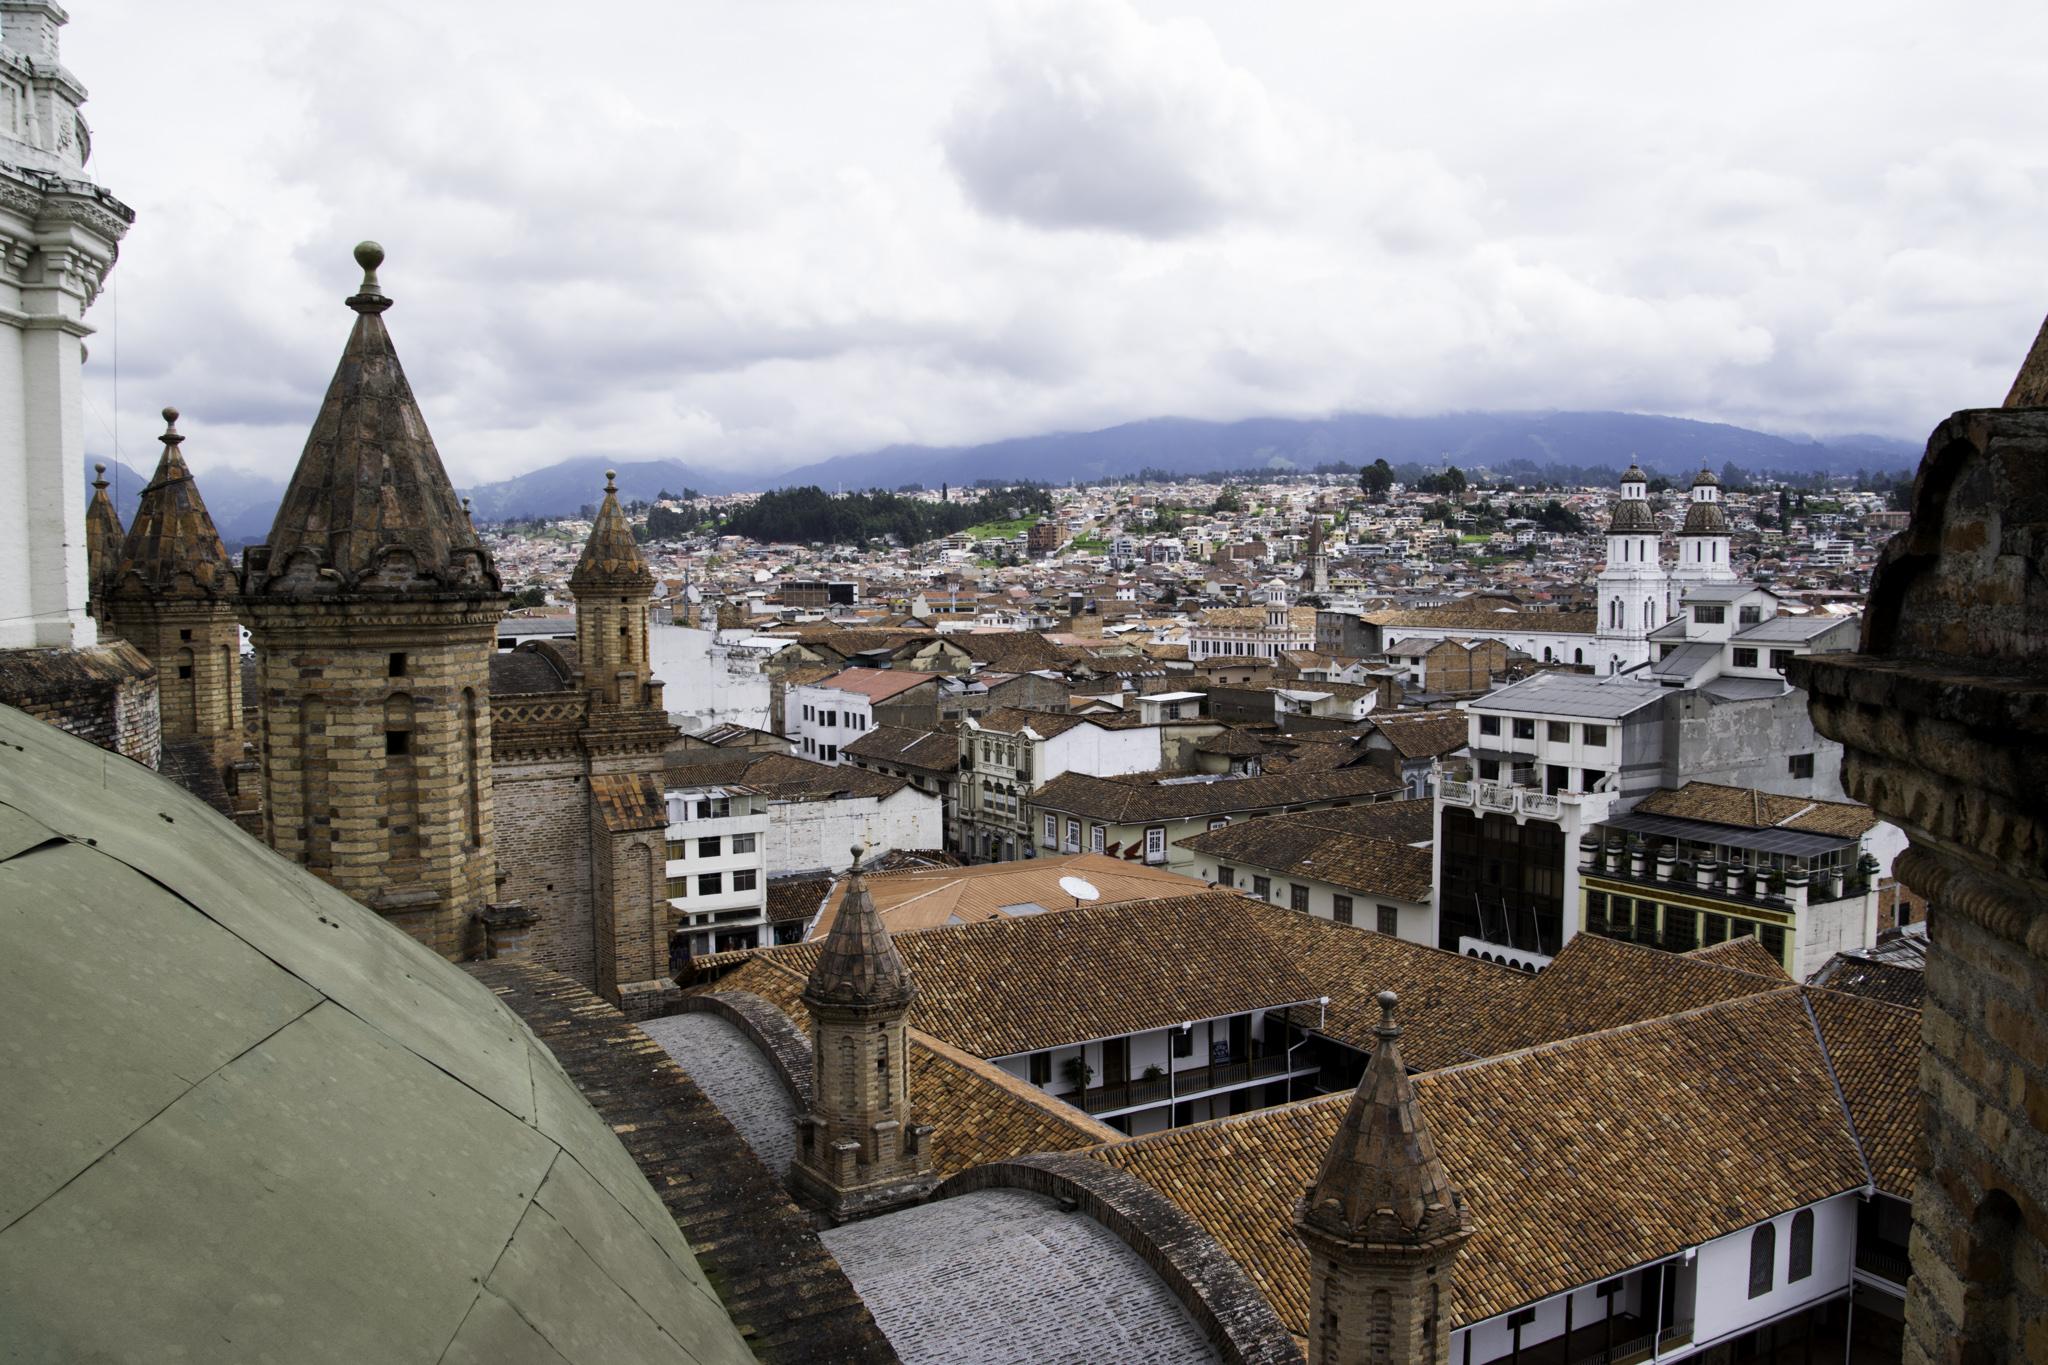 Aussicht über Cuenca vom Turm der Kathedrale aus